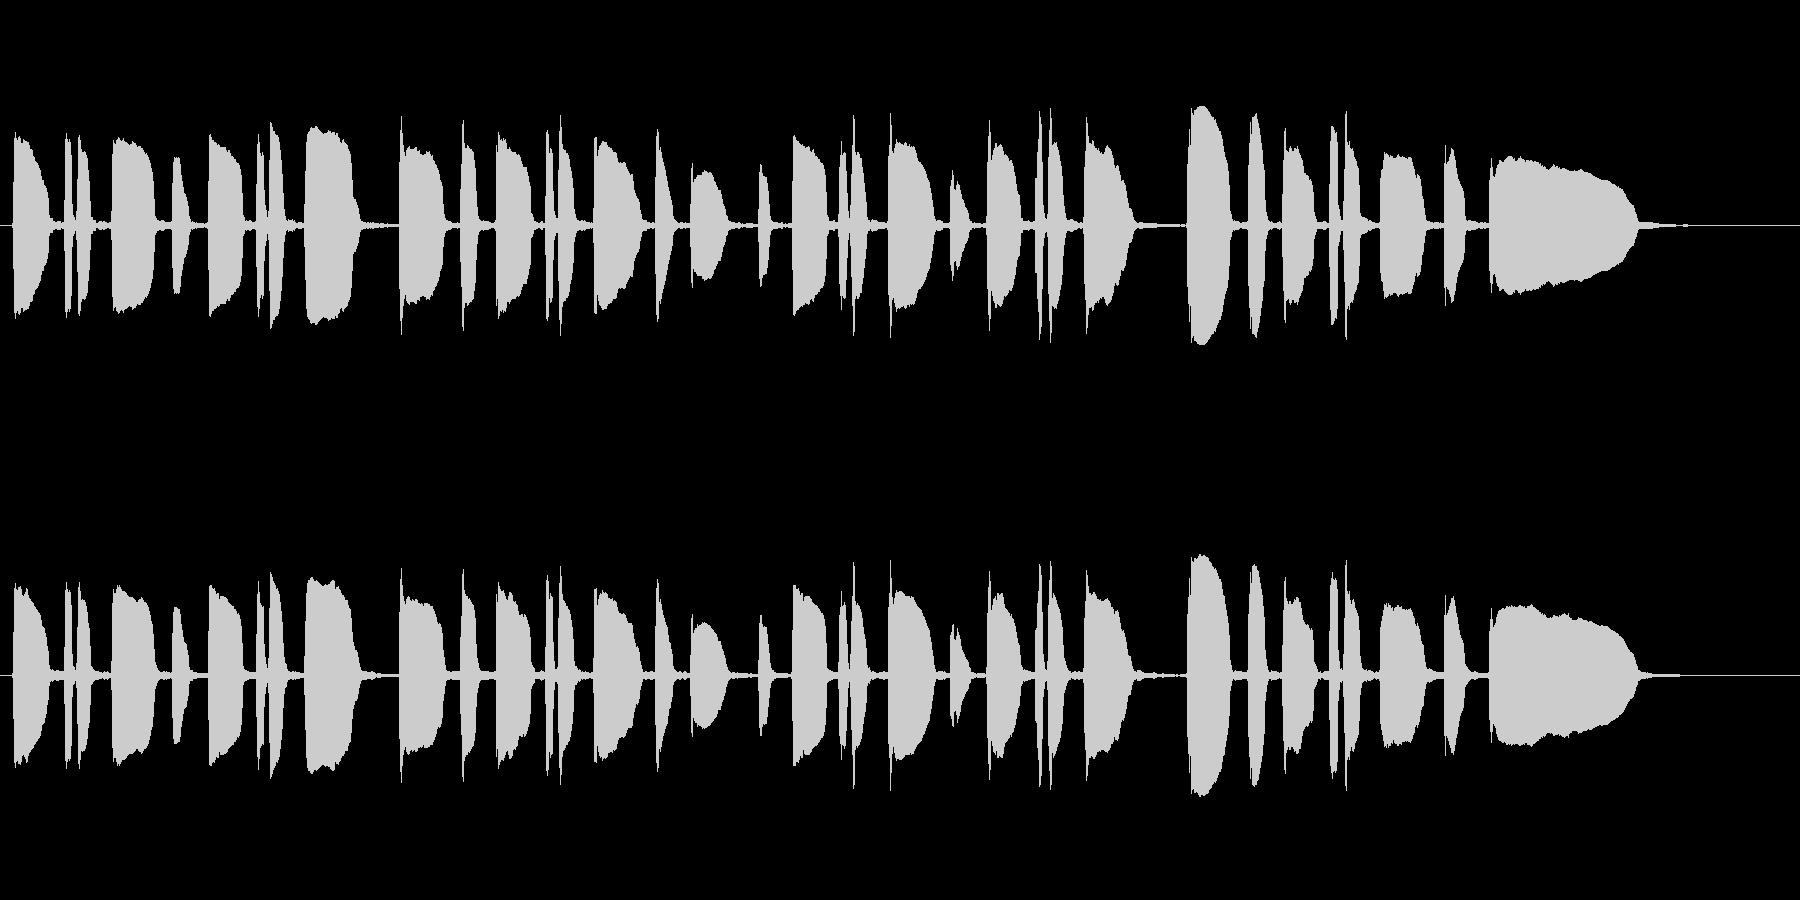 トランペット独奏のサウンドロゴの未再生の波形